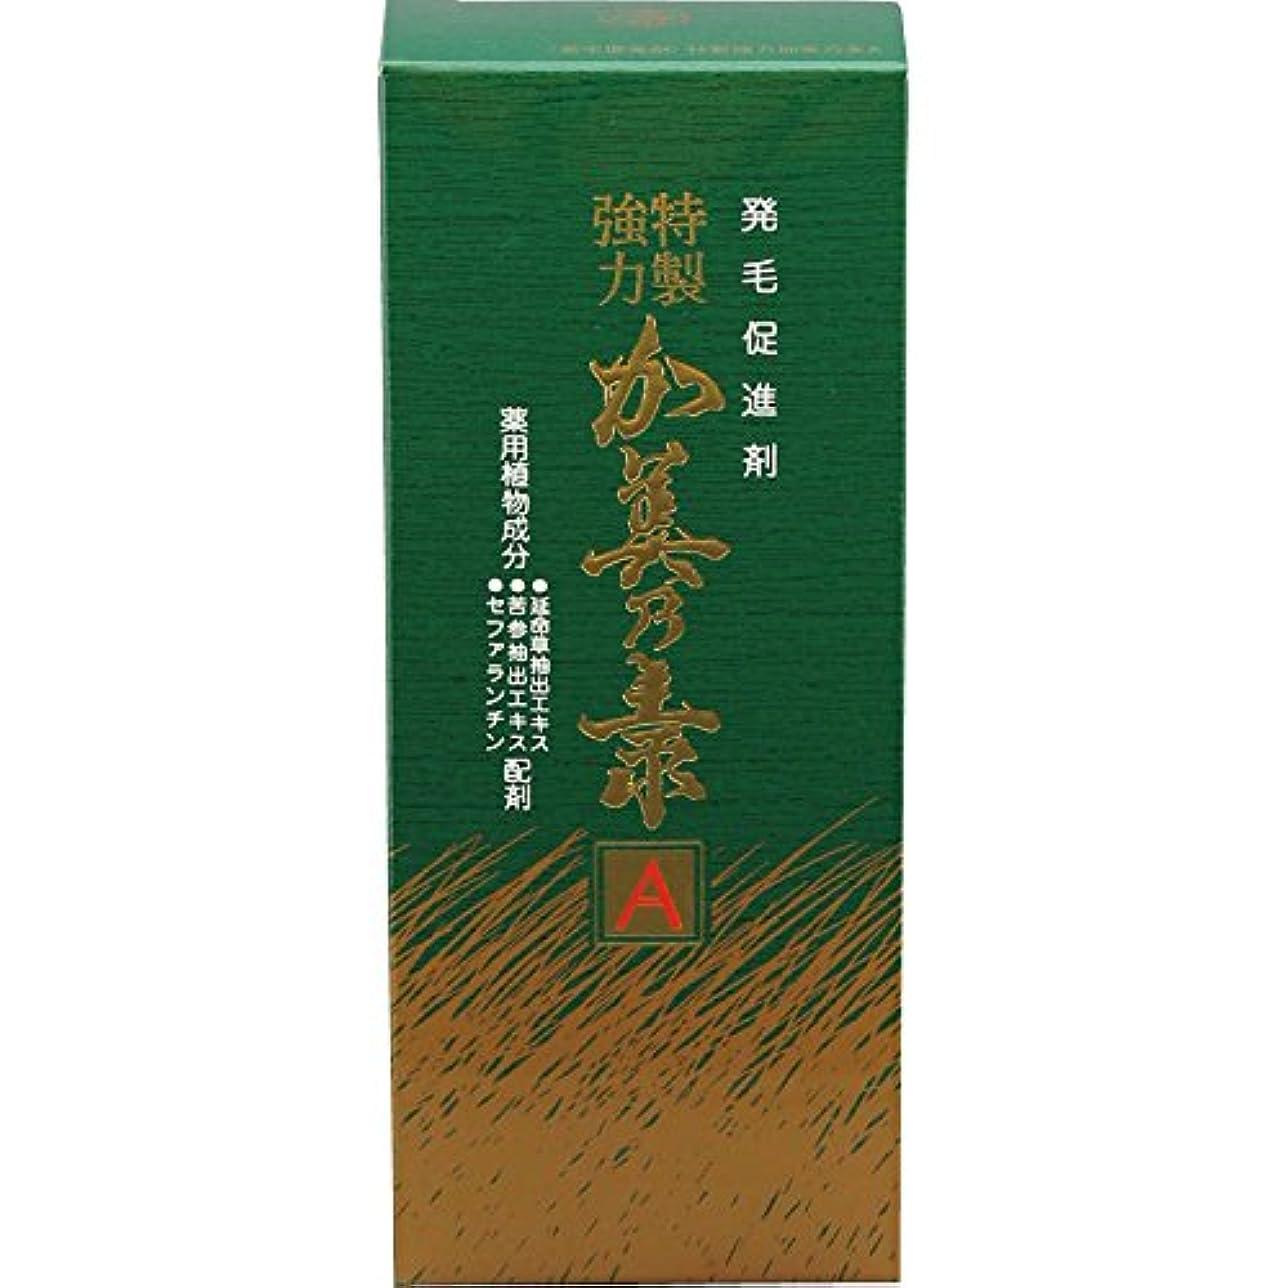 ベッドを作るご飯懸念特製強力加美乃素A フレッシュシトラスの香り 180mL 【医薬部外品】